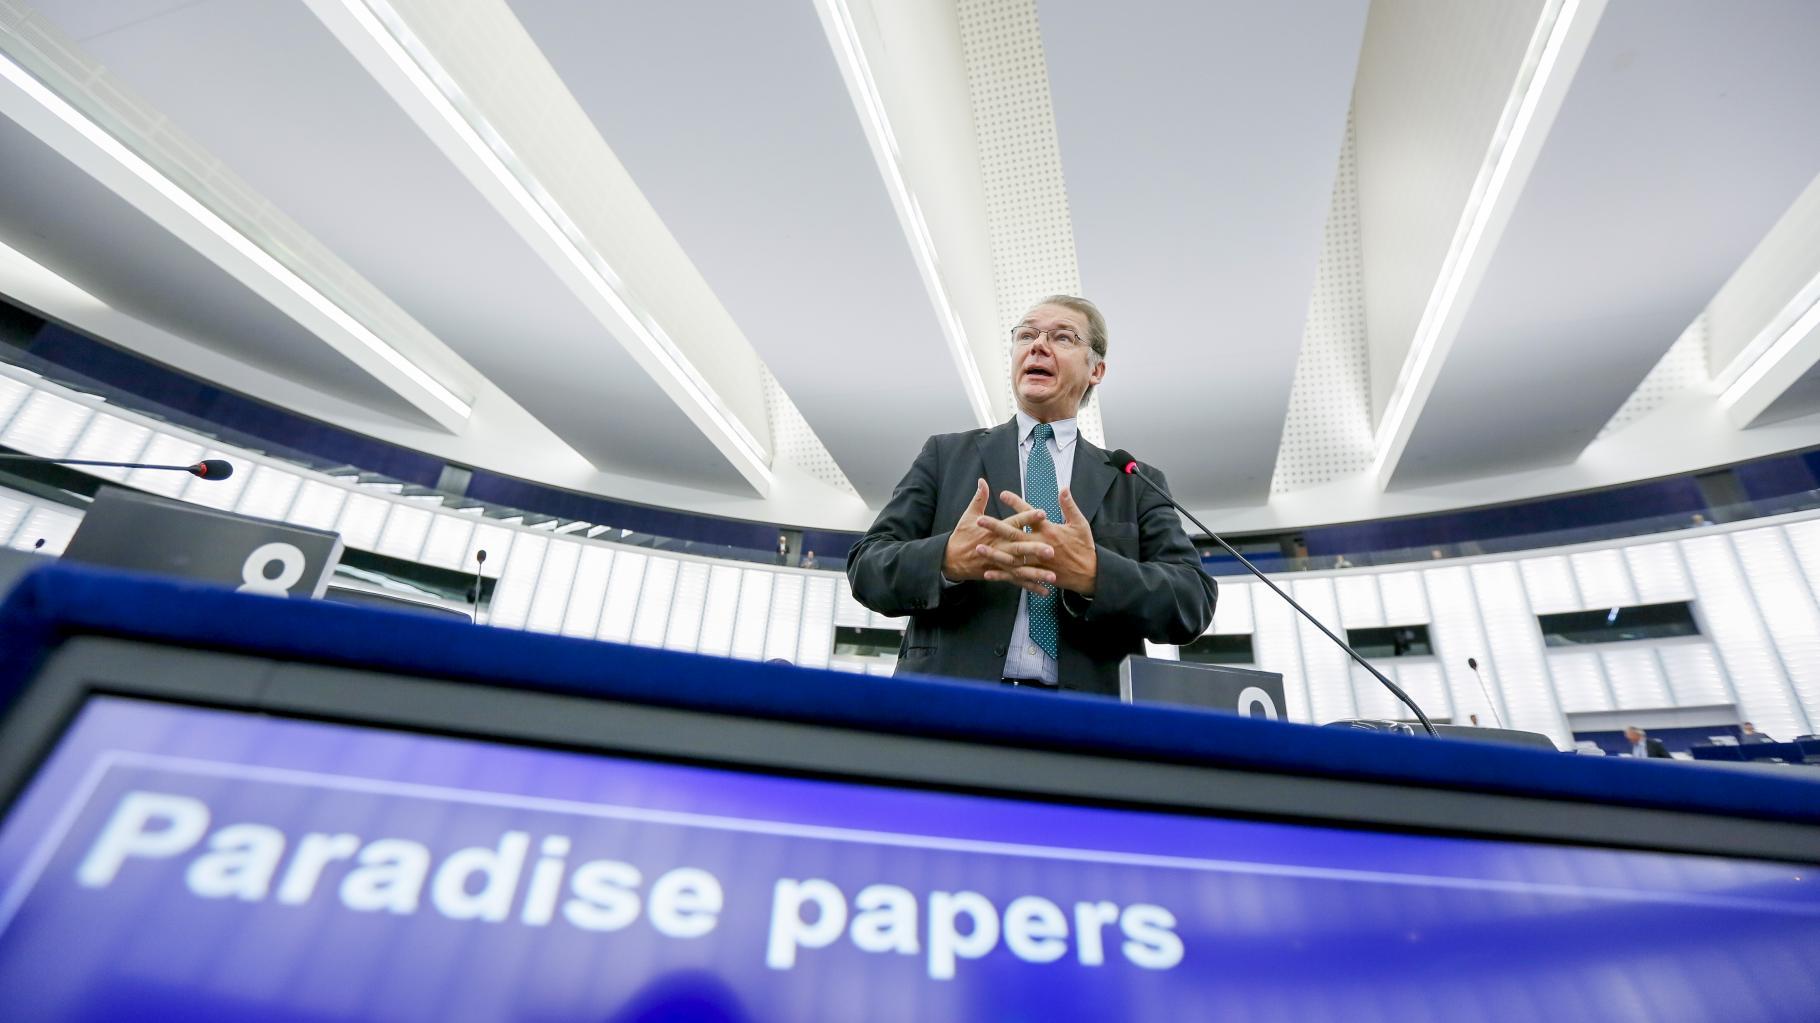 """Ein Parlamentarier spricht; im Vordergrund ein Bildschirm, der die Worte """"Paradise papers"""" anzeigt"""